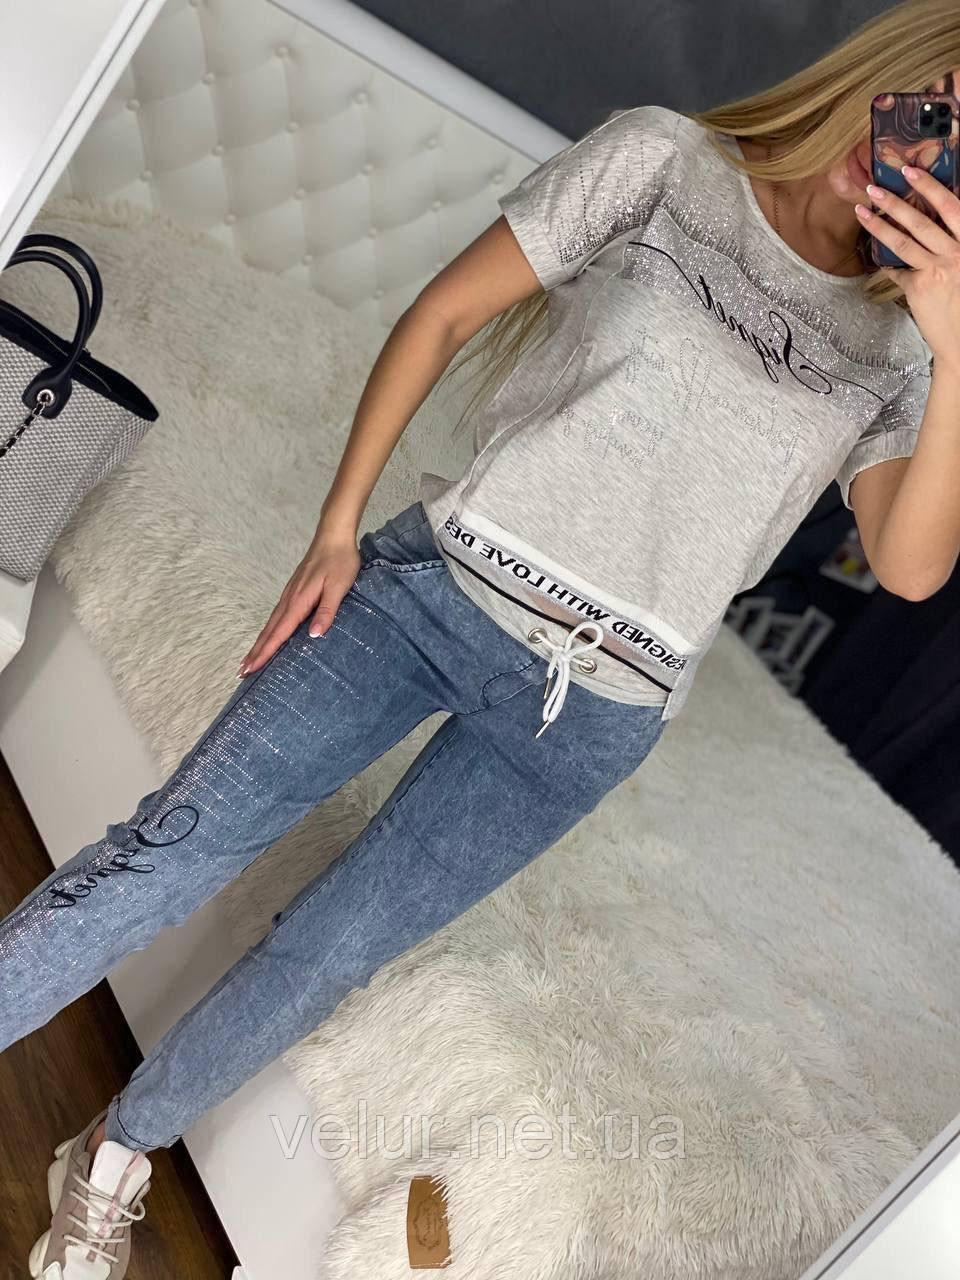 Женский летний костюм *Signet* с джинсами ,(Турция); 48,50,52,54,56 (наши размеры)